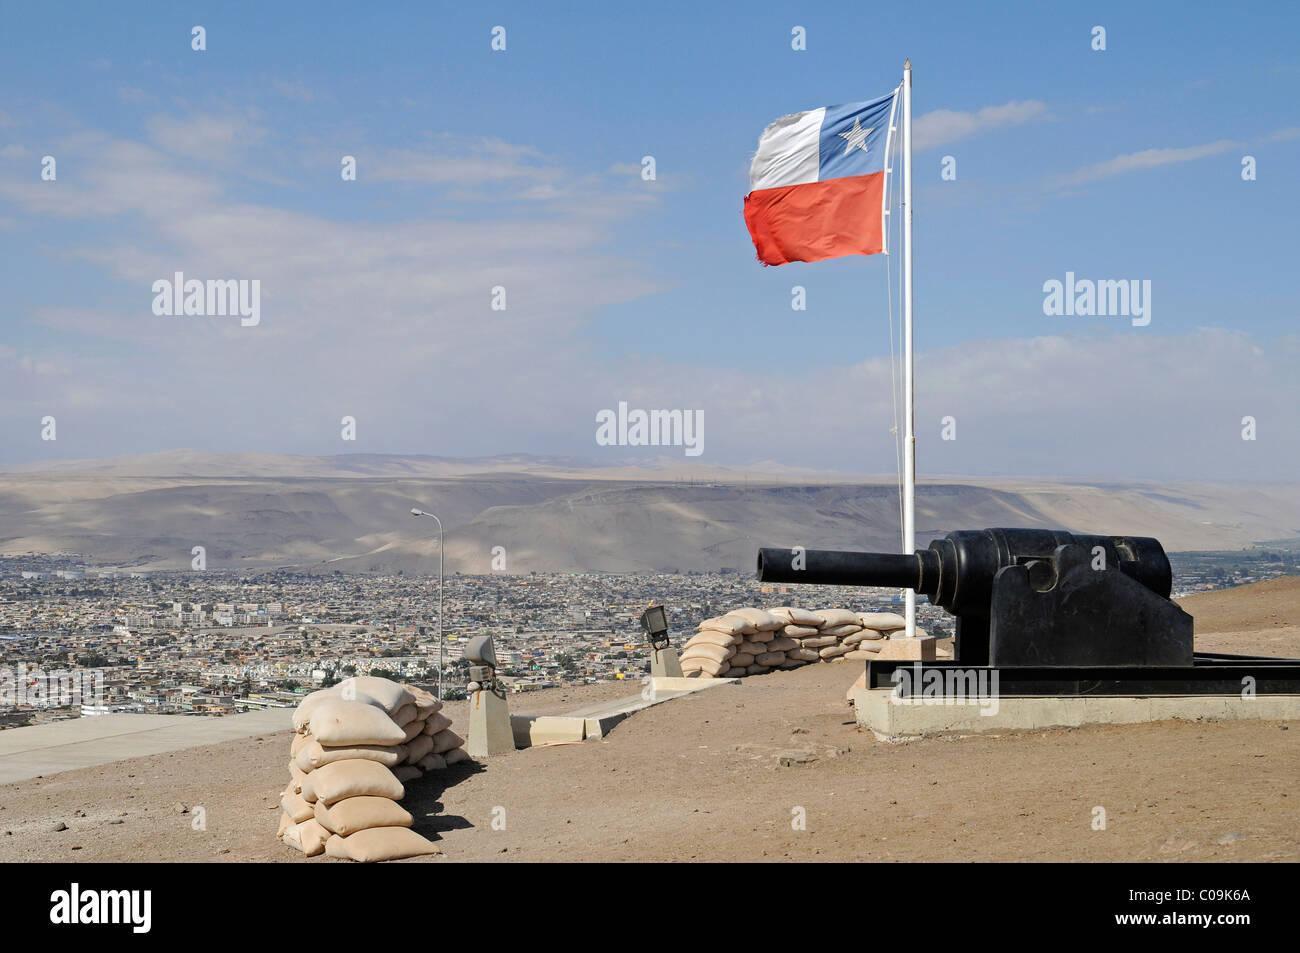 Übersicht, chilenische Flagge, Waffen, Sandsäcke, El Morro, Berg, Sehenswürdigkeit, Theater, Krieg Stockbild